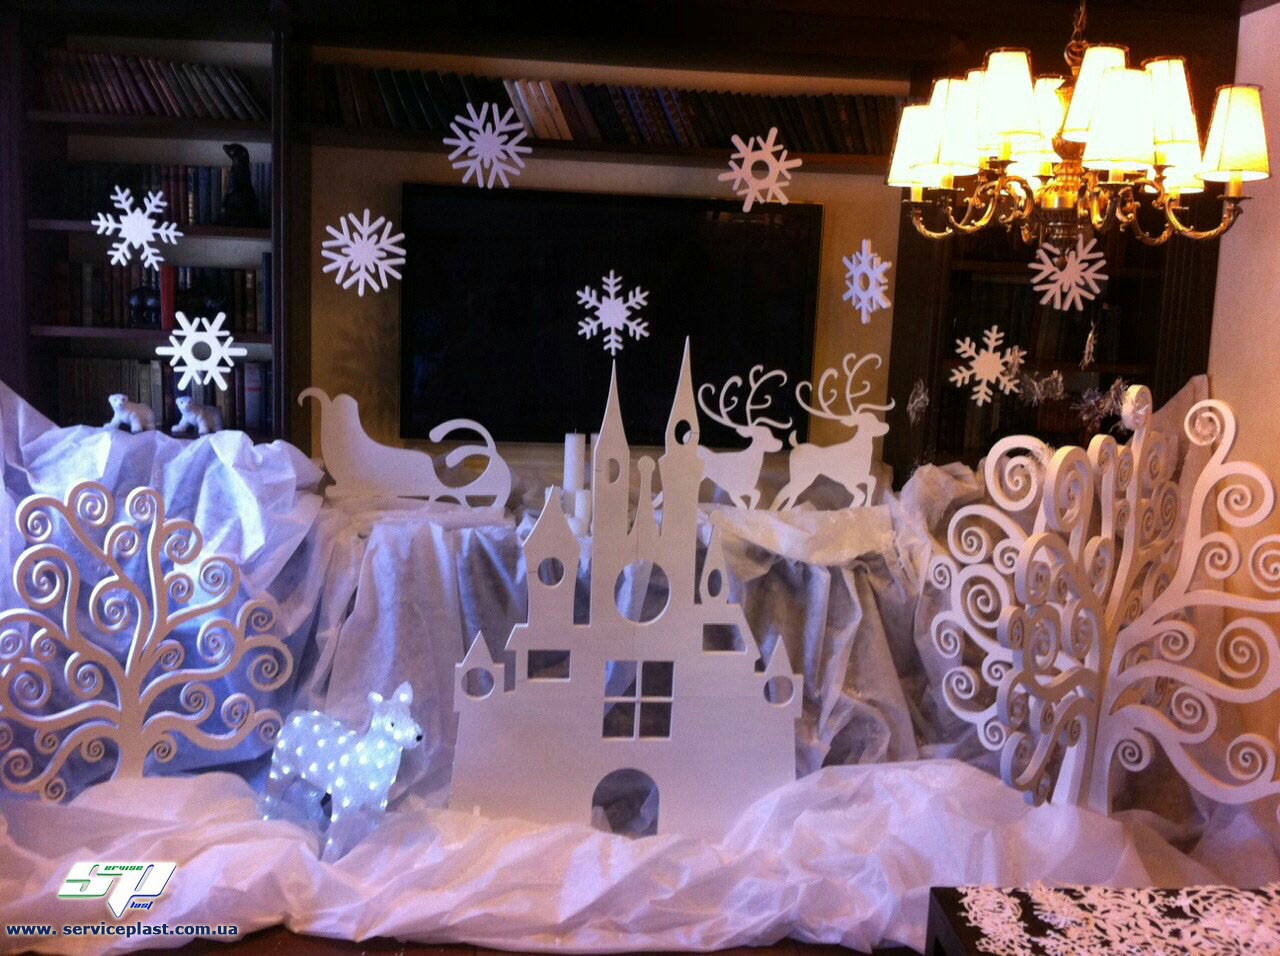 Новогодний декор: снежинки из пенопласта, елочки, звезды из пенопласта, мдф и фанеры